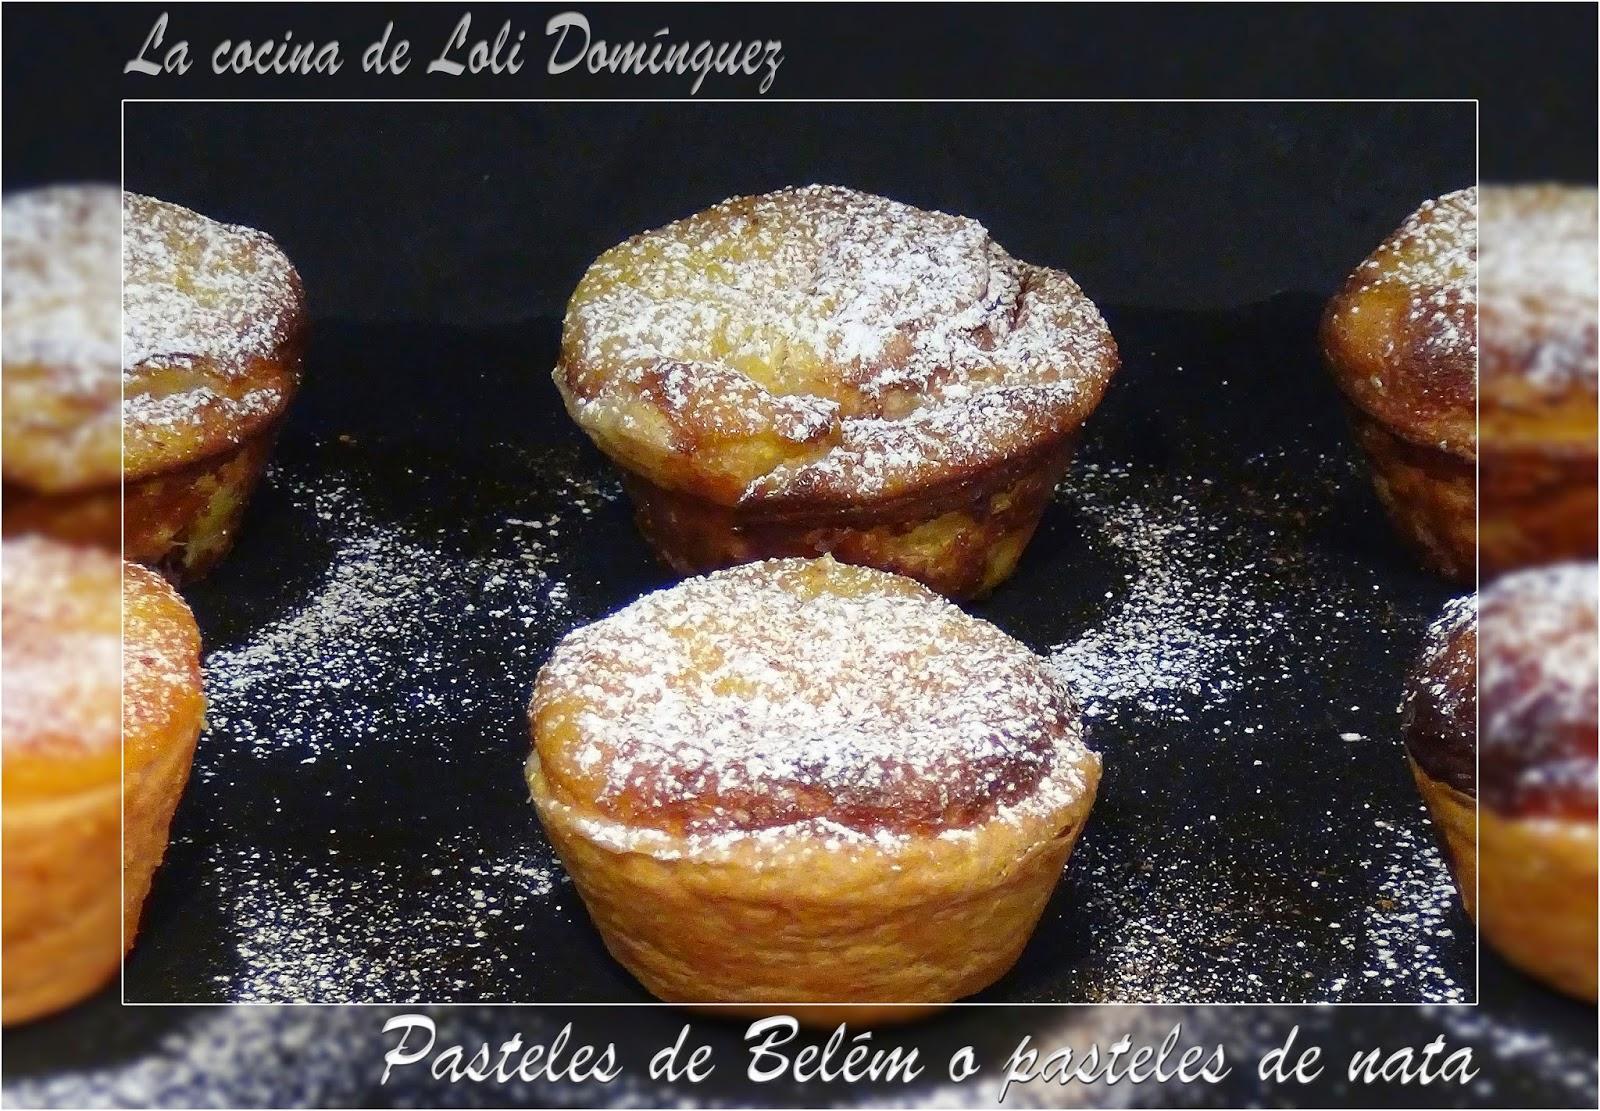 la cocina de loli dom nguez pasteles de bel m o pasteles